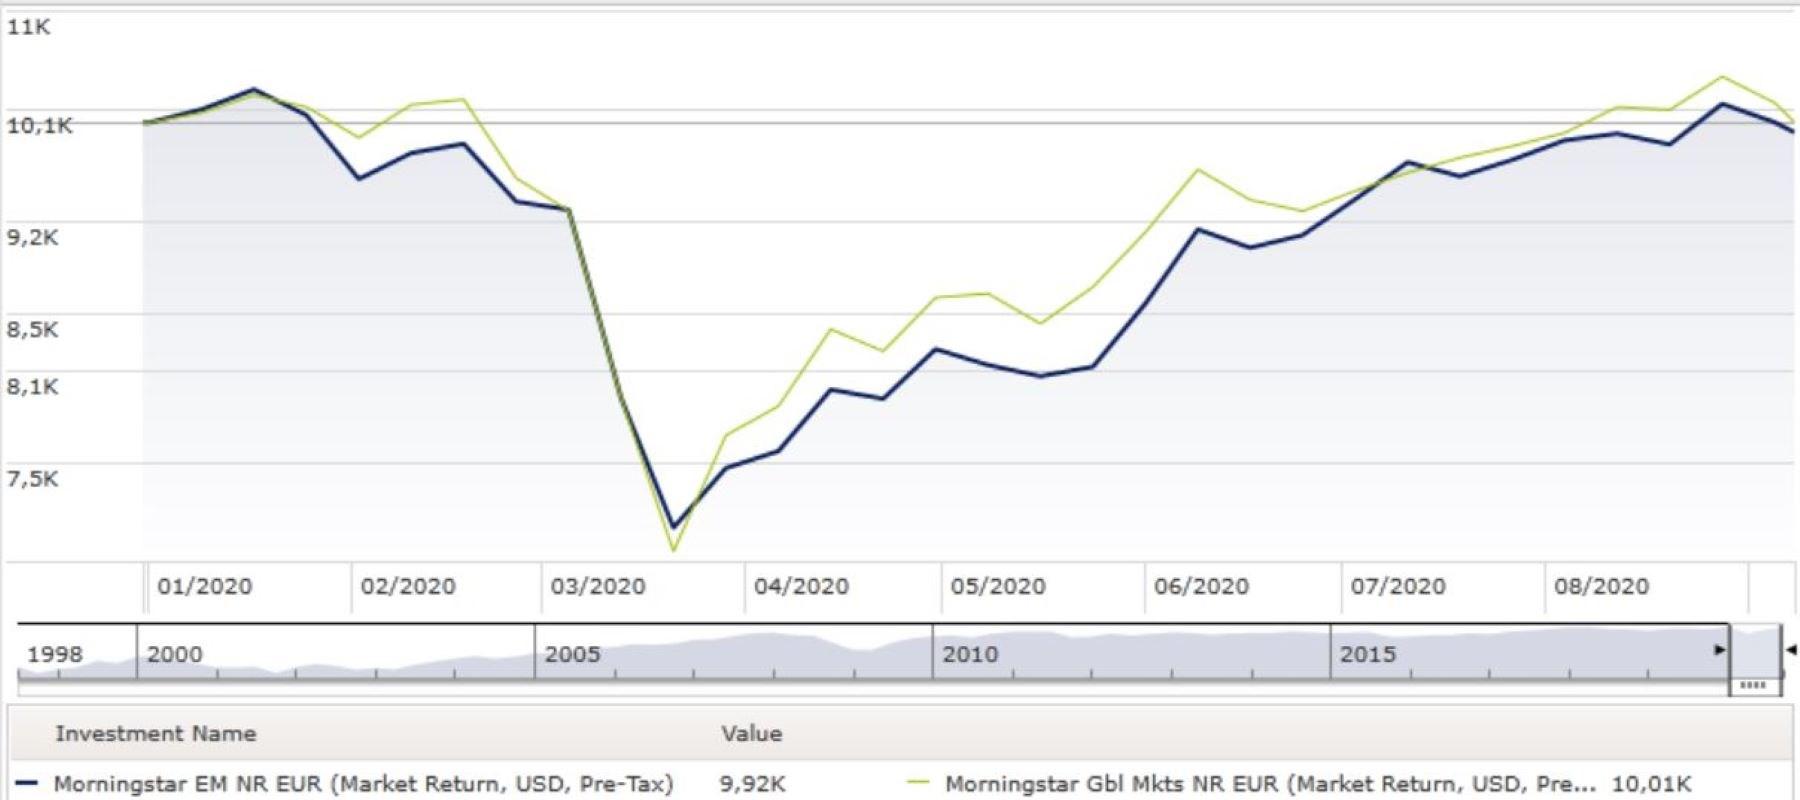 Morningstar EM e Global a confronto